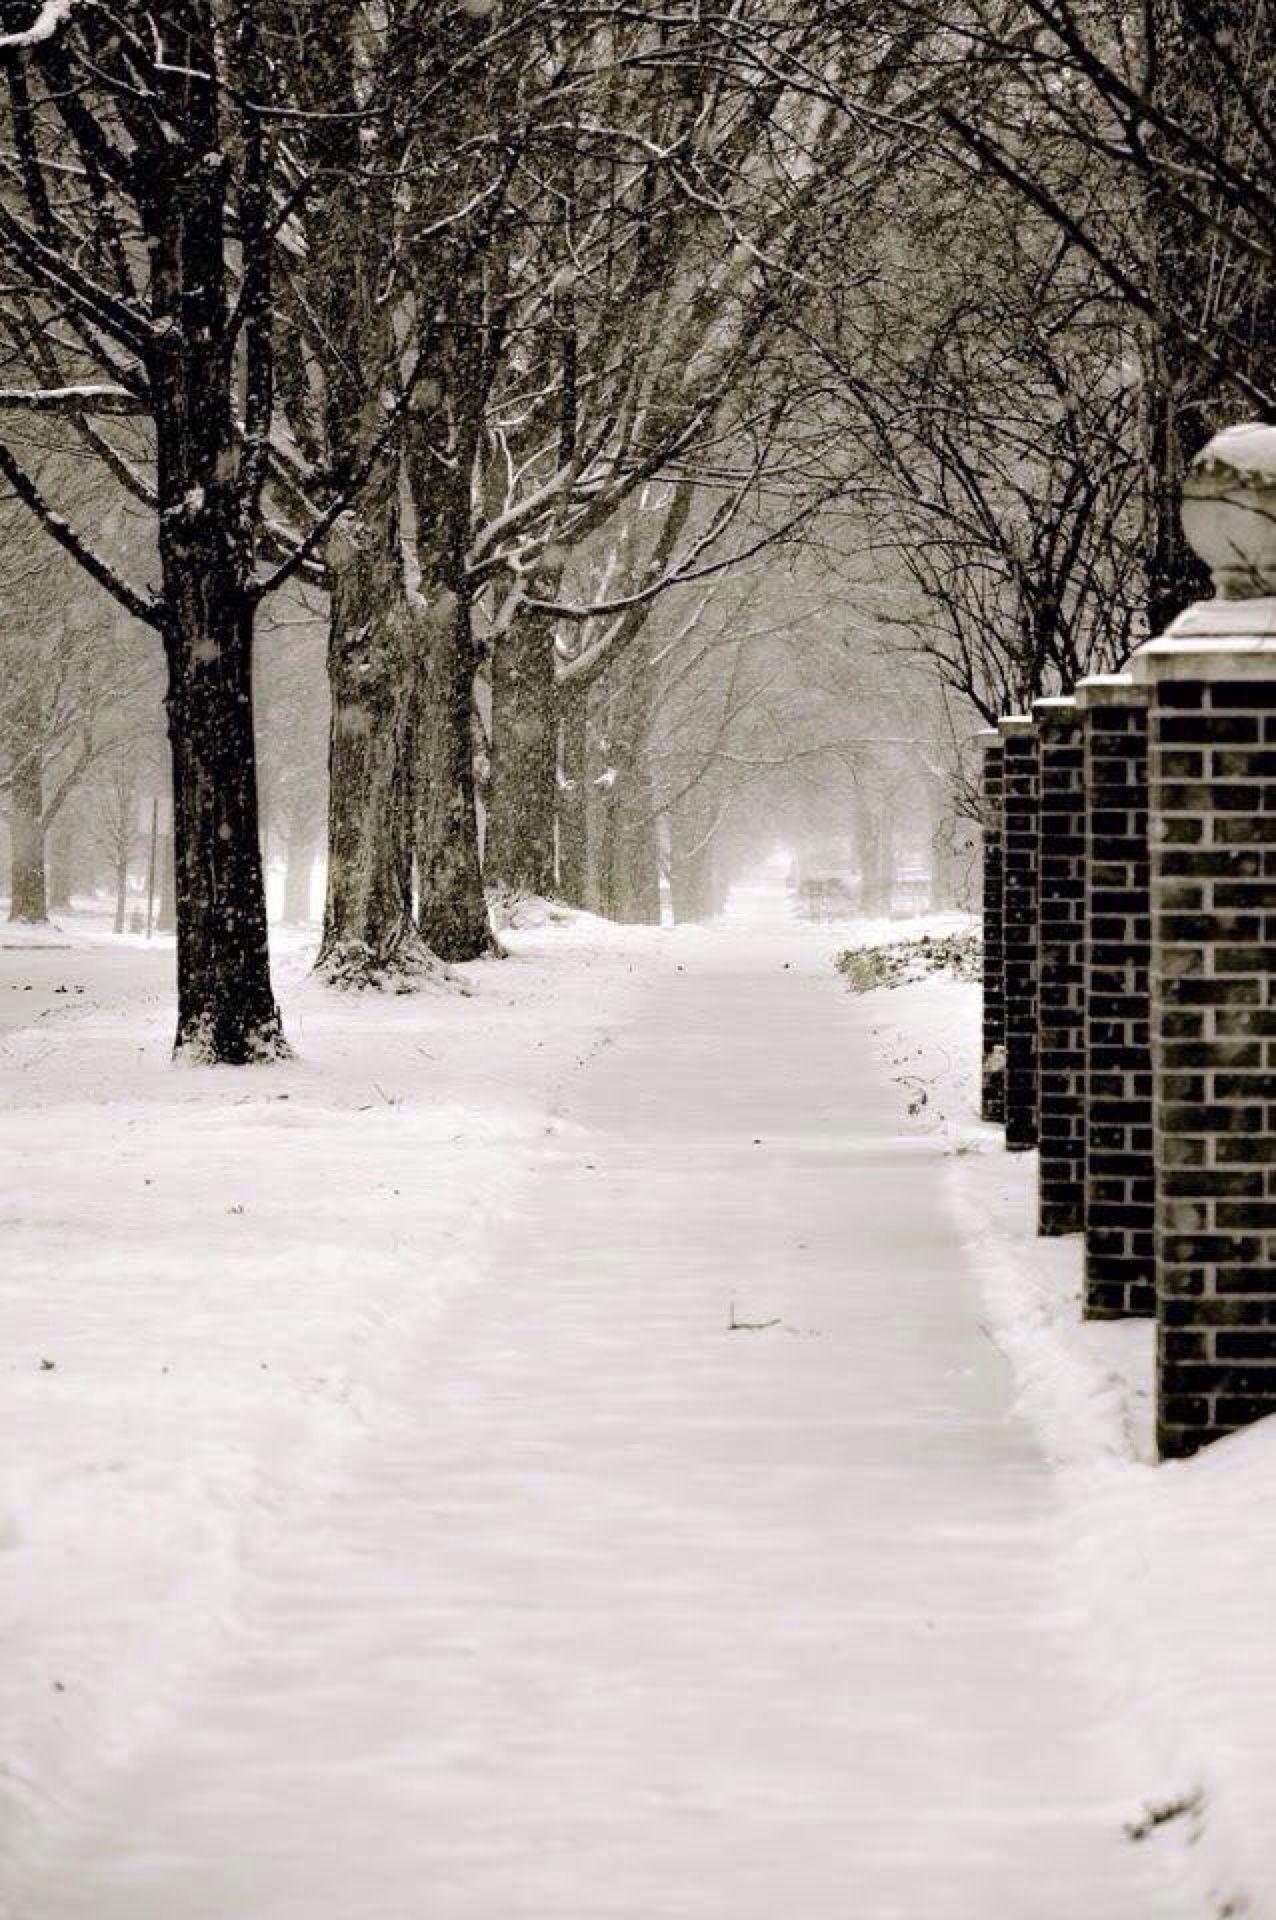 2019 Weiße Weihnachten.Moment S Winter In 2019 Weiße Weihnachten Winter Und Weihnachten